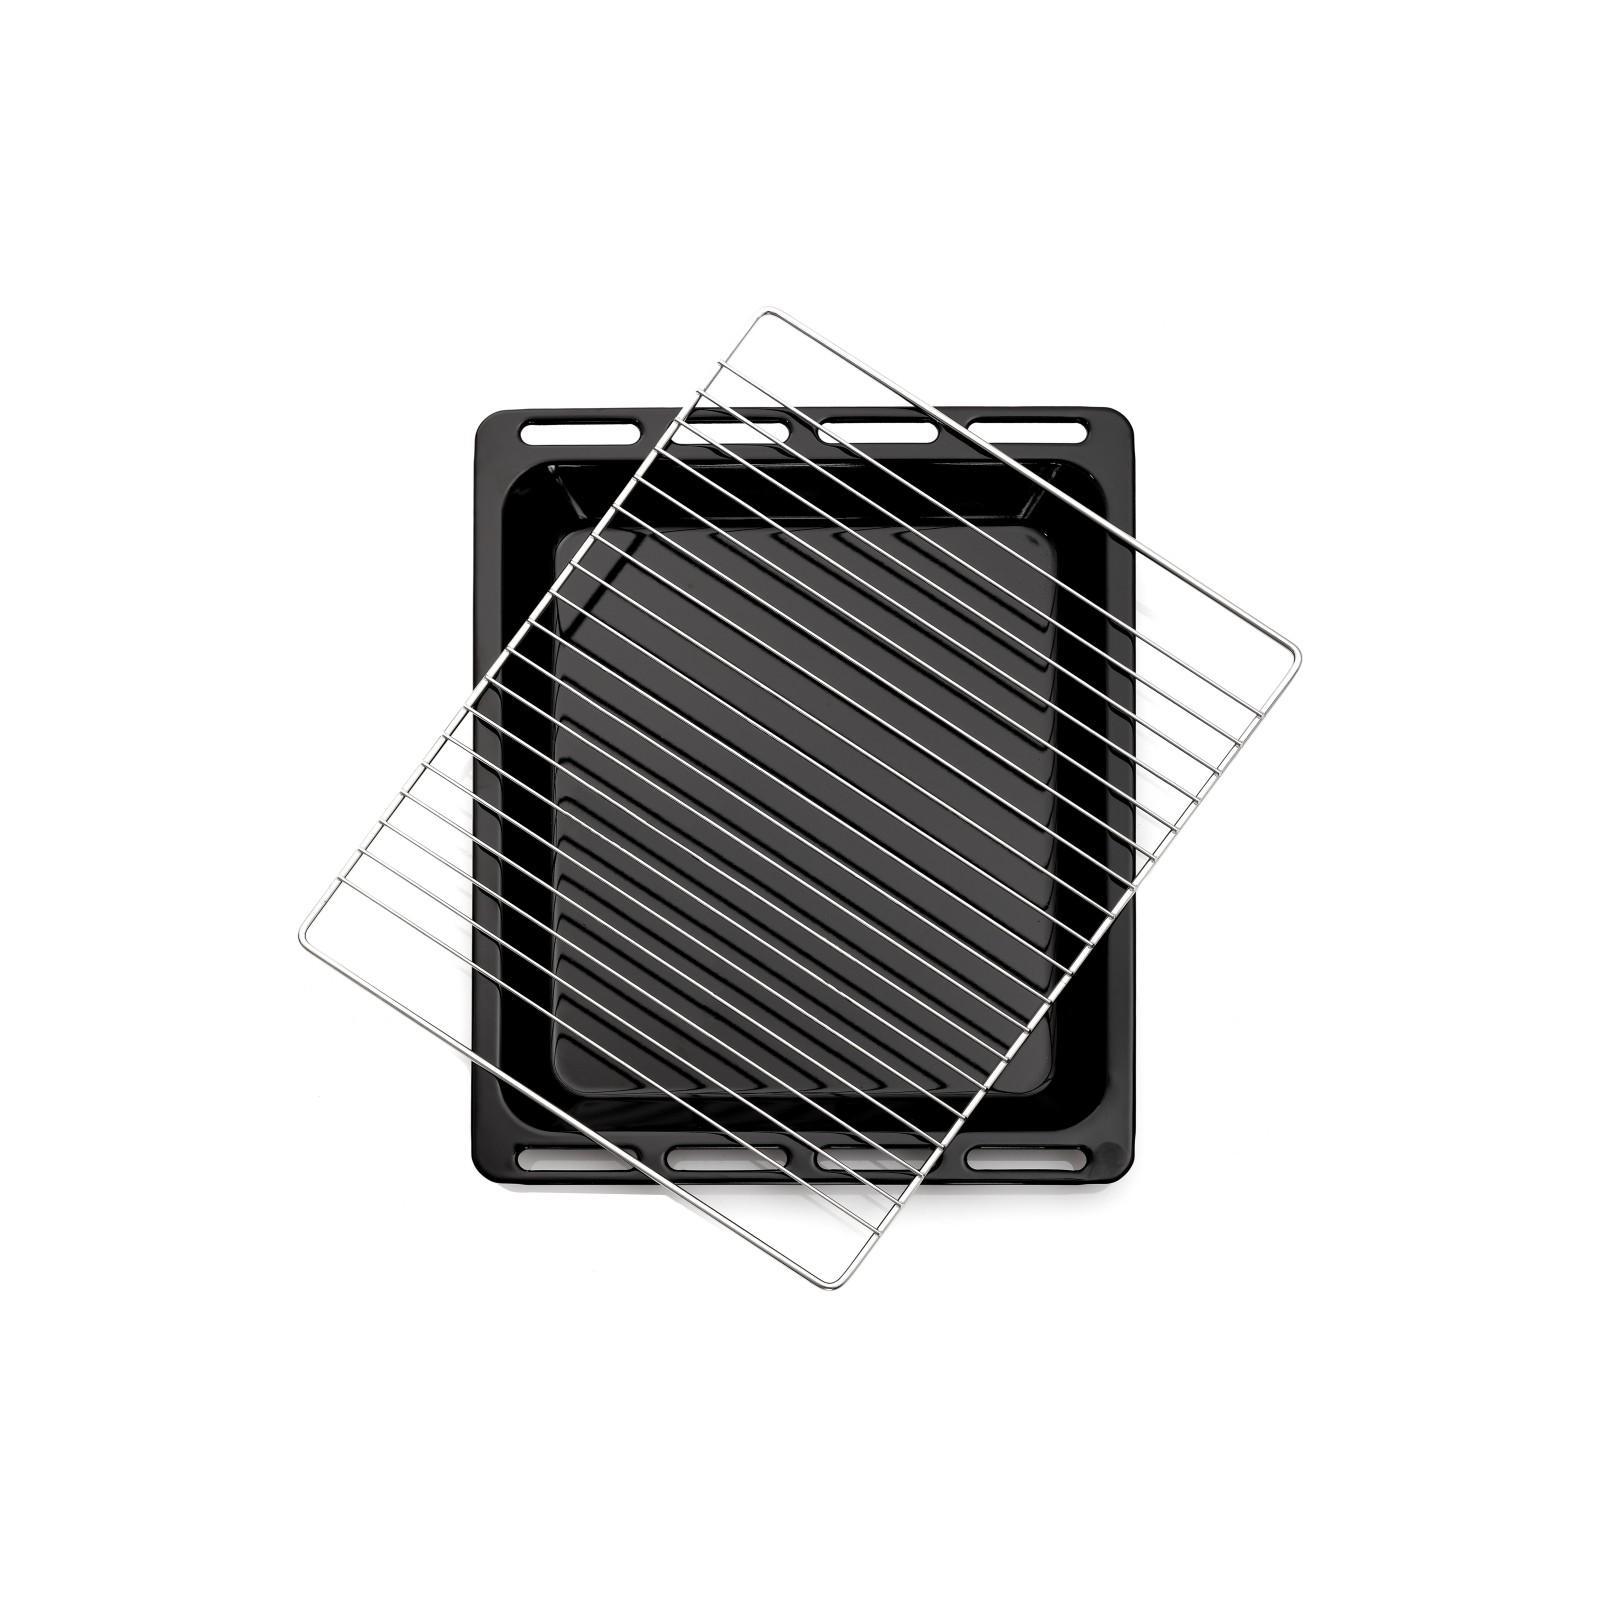 Духовой шкаф Eleyus GLORIA 6006 BG+RB изображение 11